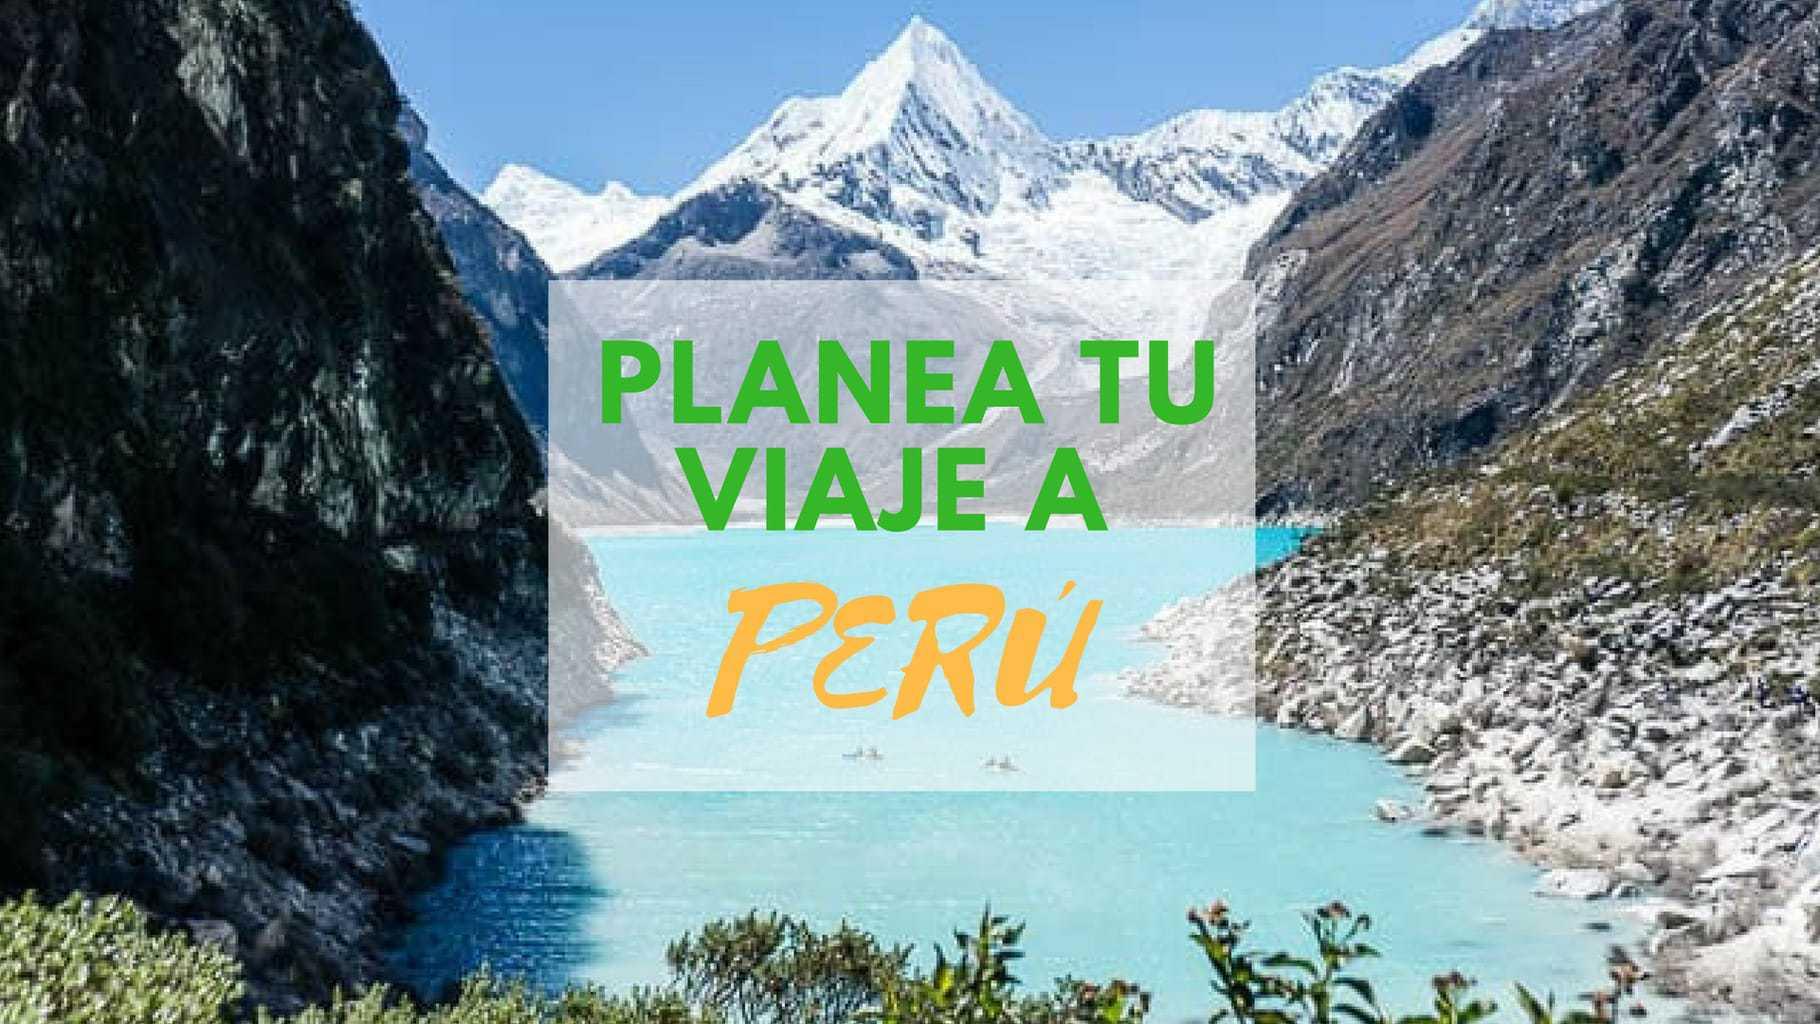 61 fotos que te ayudarán a planear tu viaje a Perú